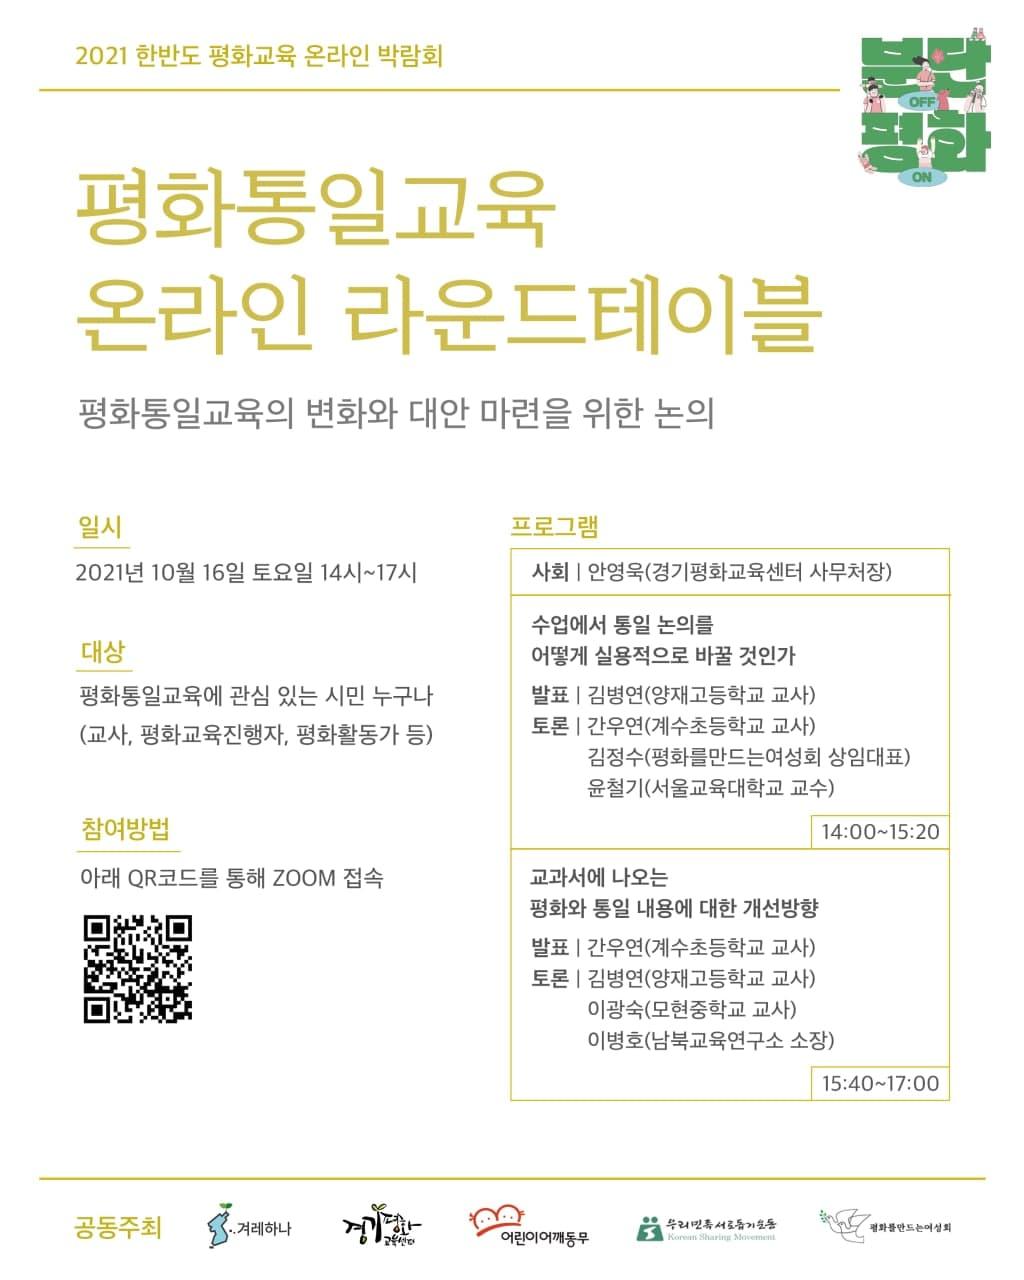 KakaoTalk_20211001_092931902.jpg